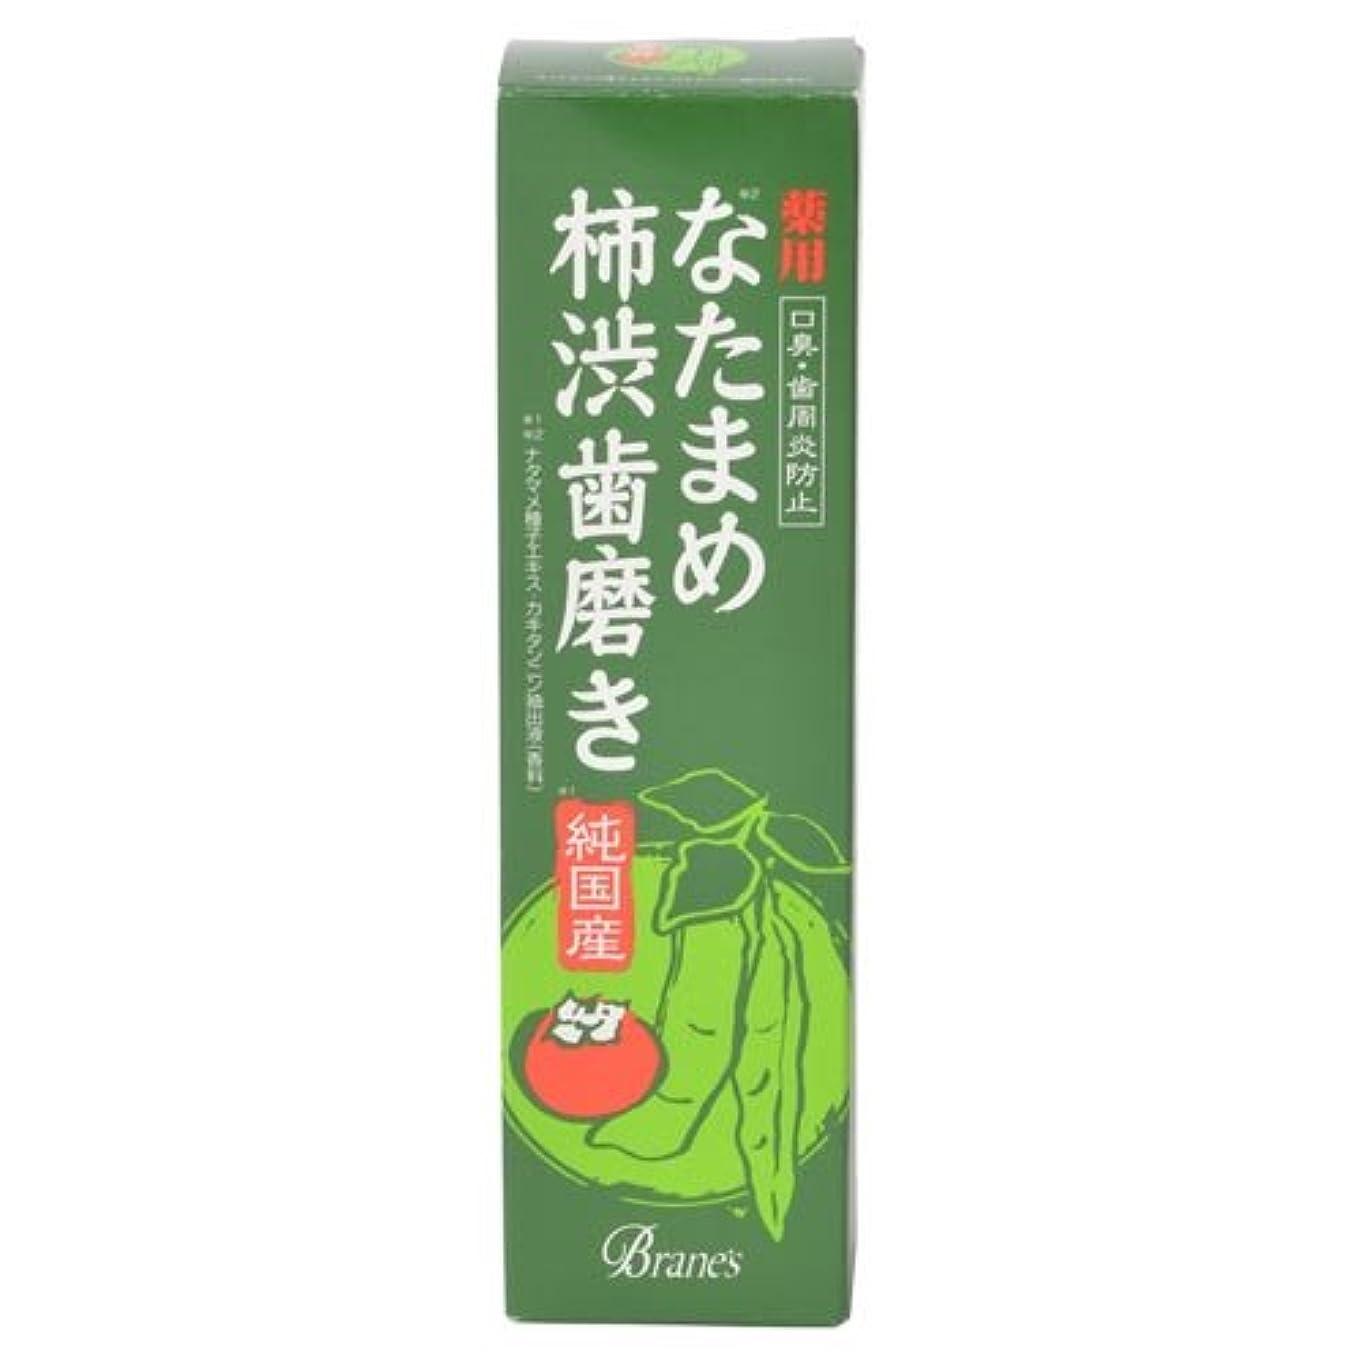 信じる指紋ワゴン薬用なたまめ柿渋歯磨き 120g